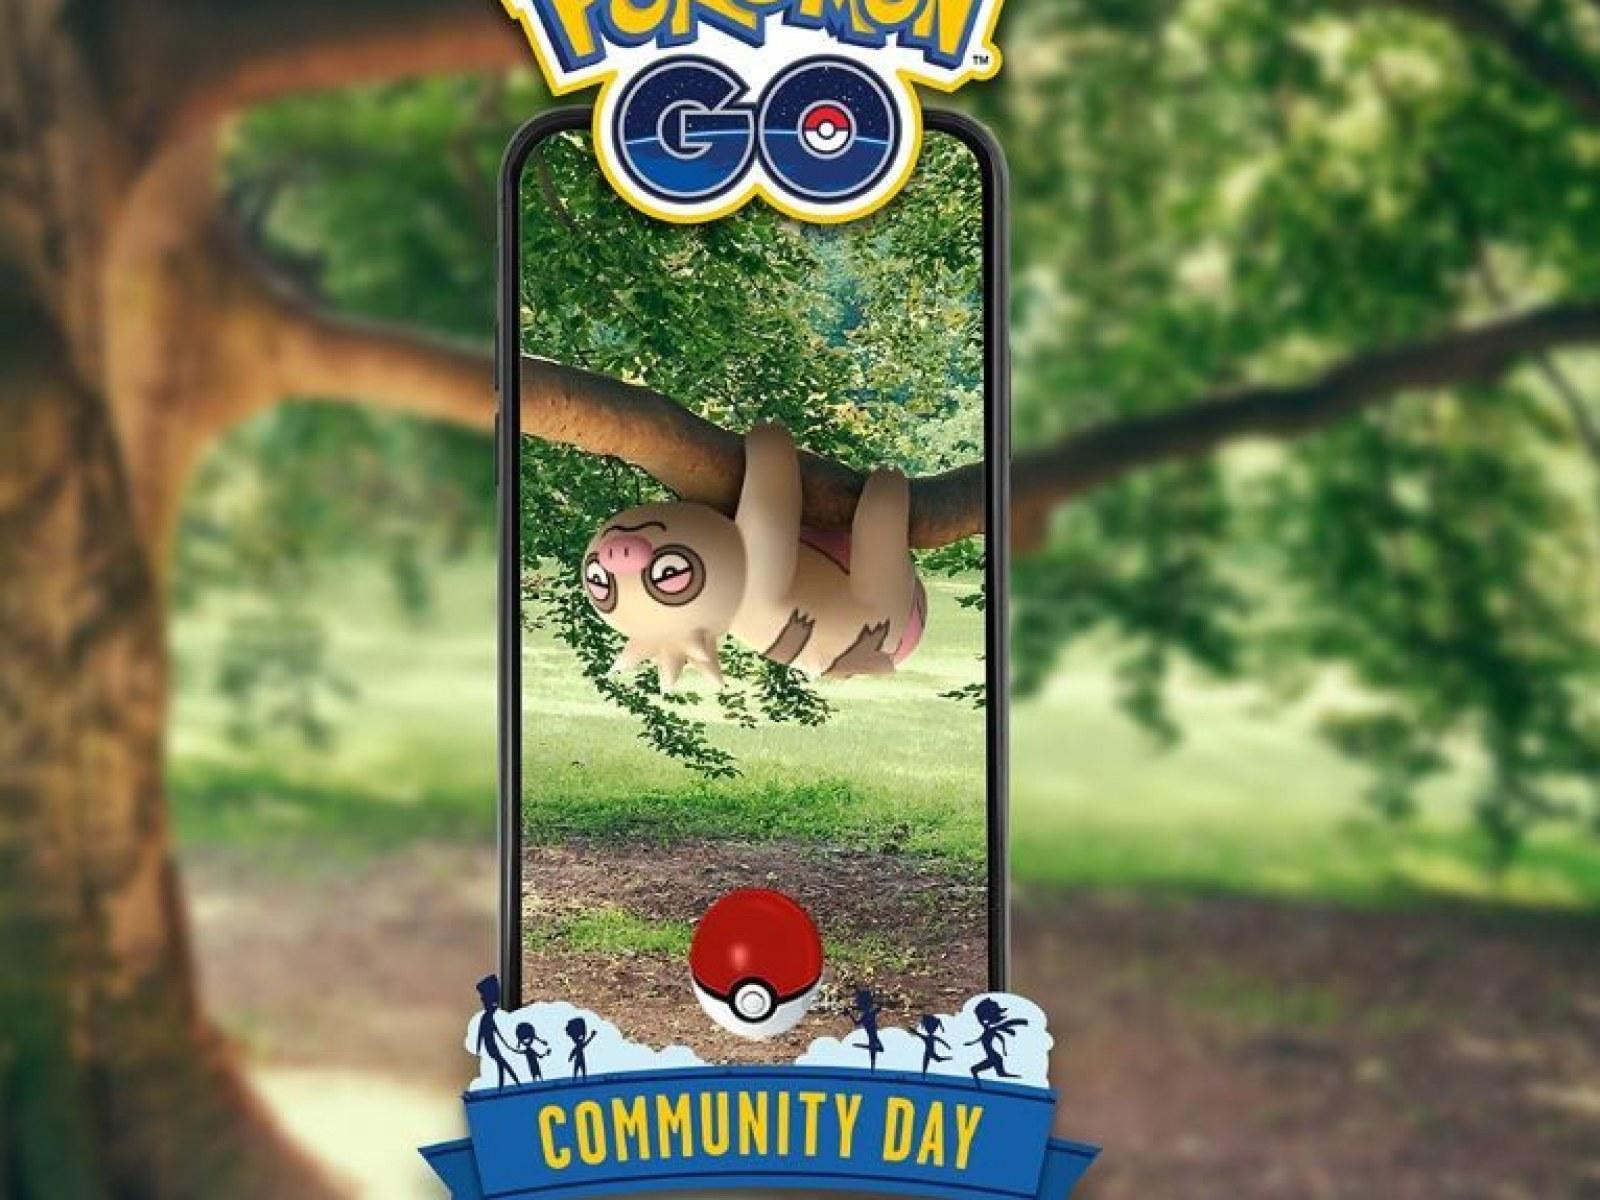 Pokémon Go' Slakoth Community Day Announced For June 8